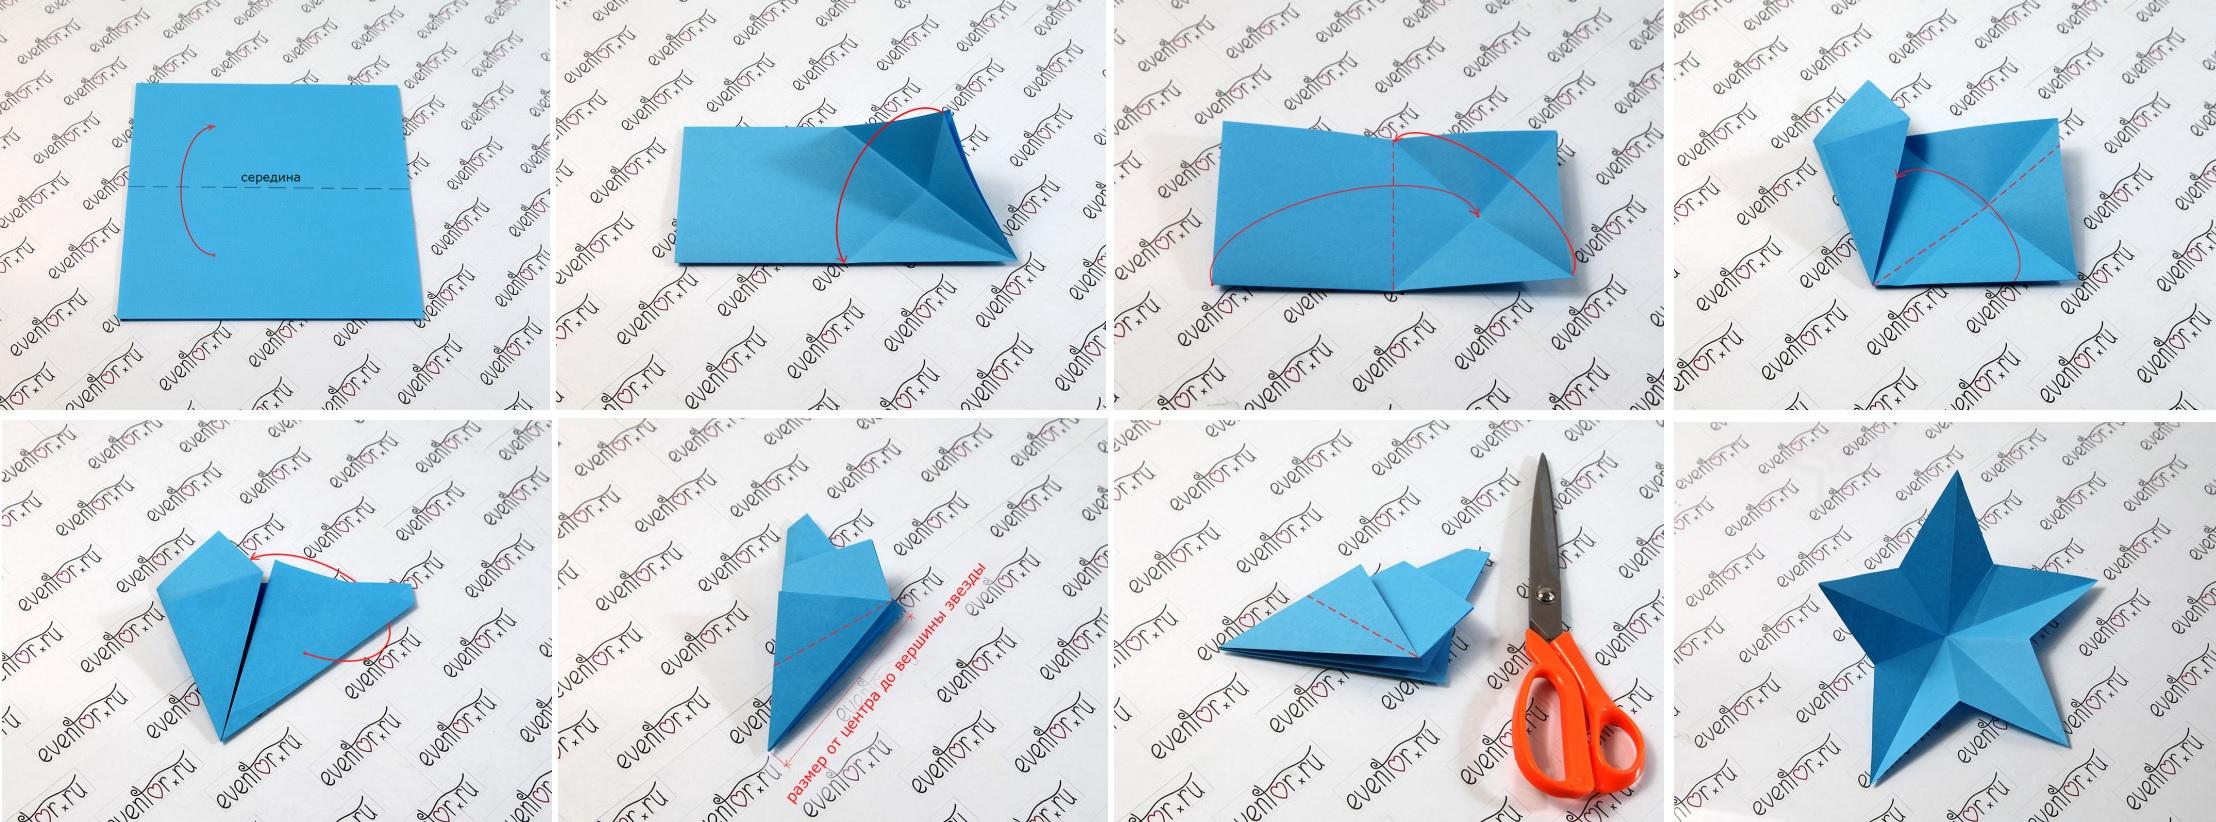 Как сделать звезду из бумаги объемную фото 279